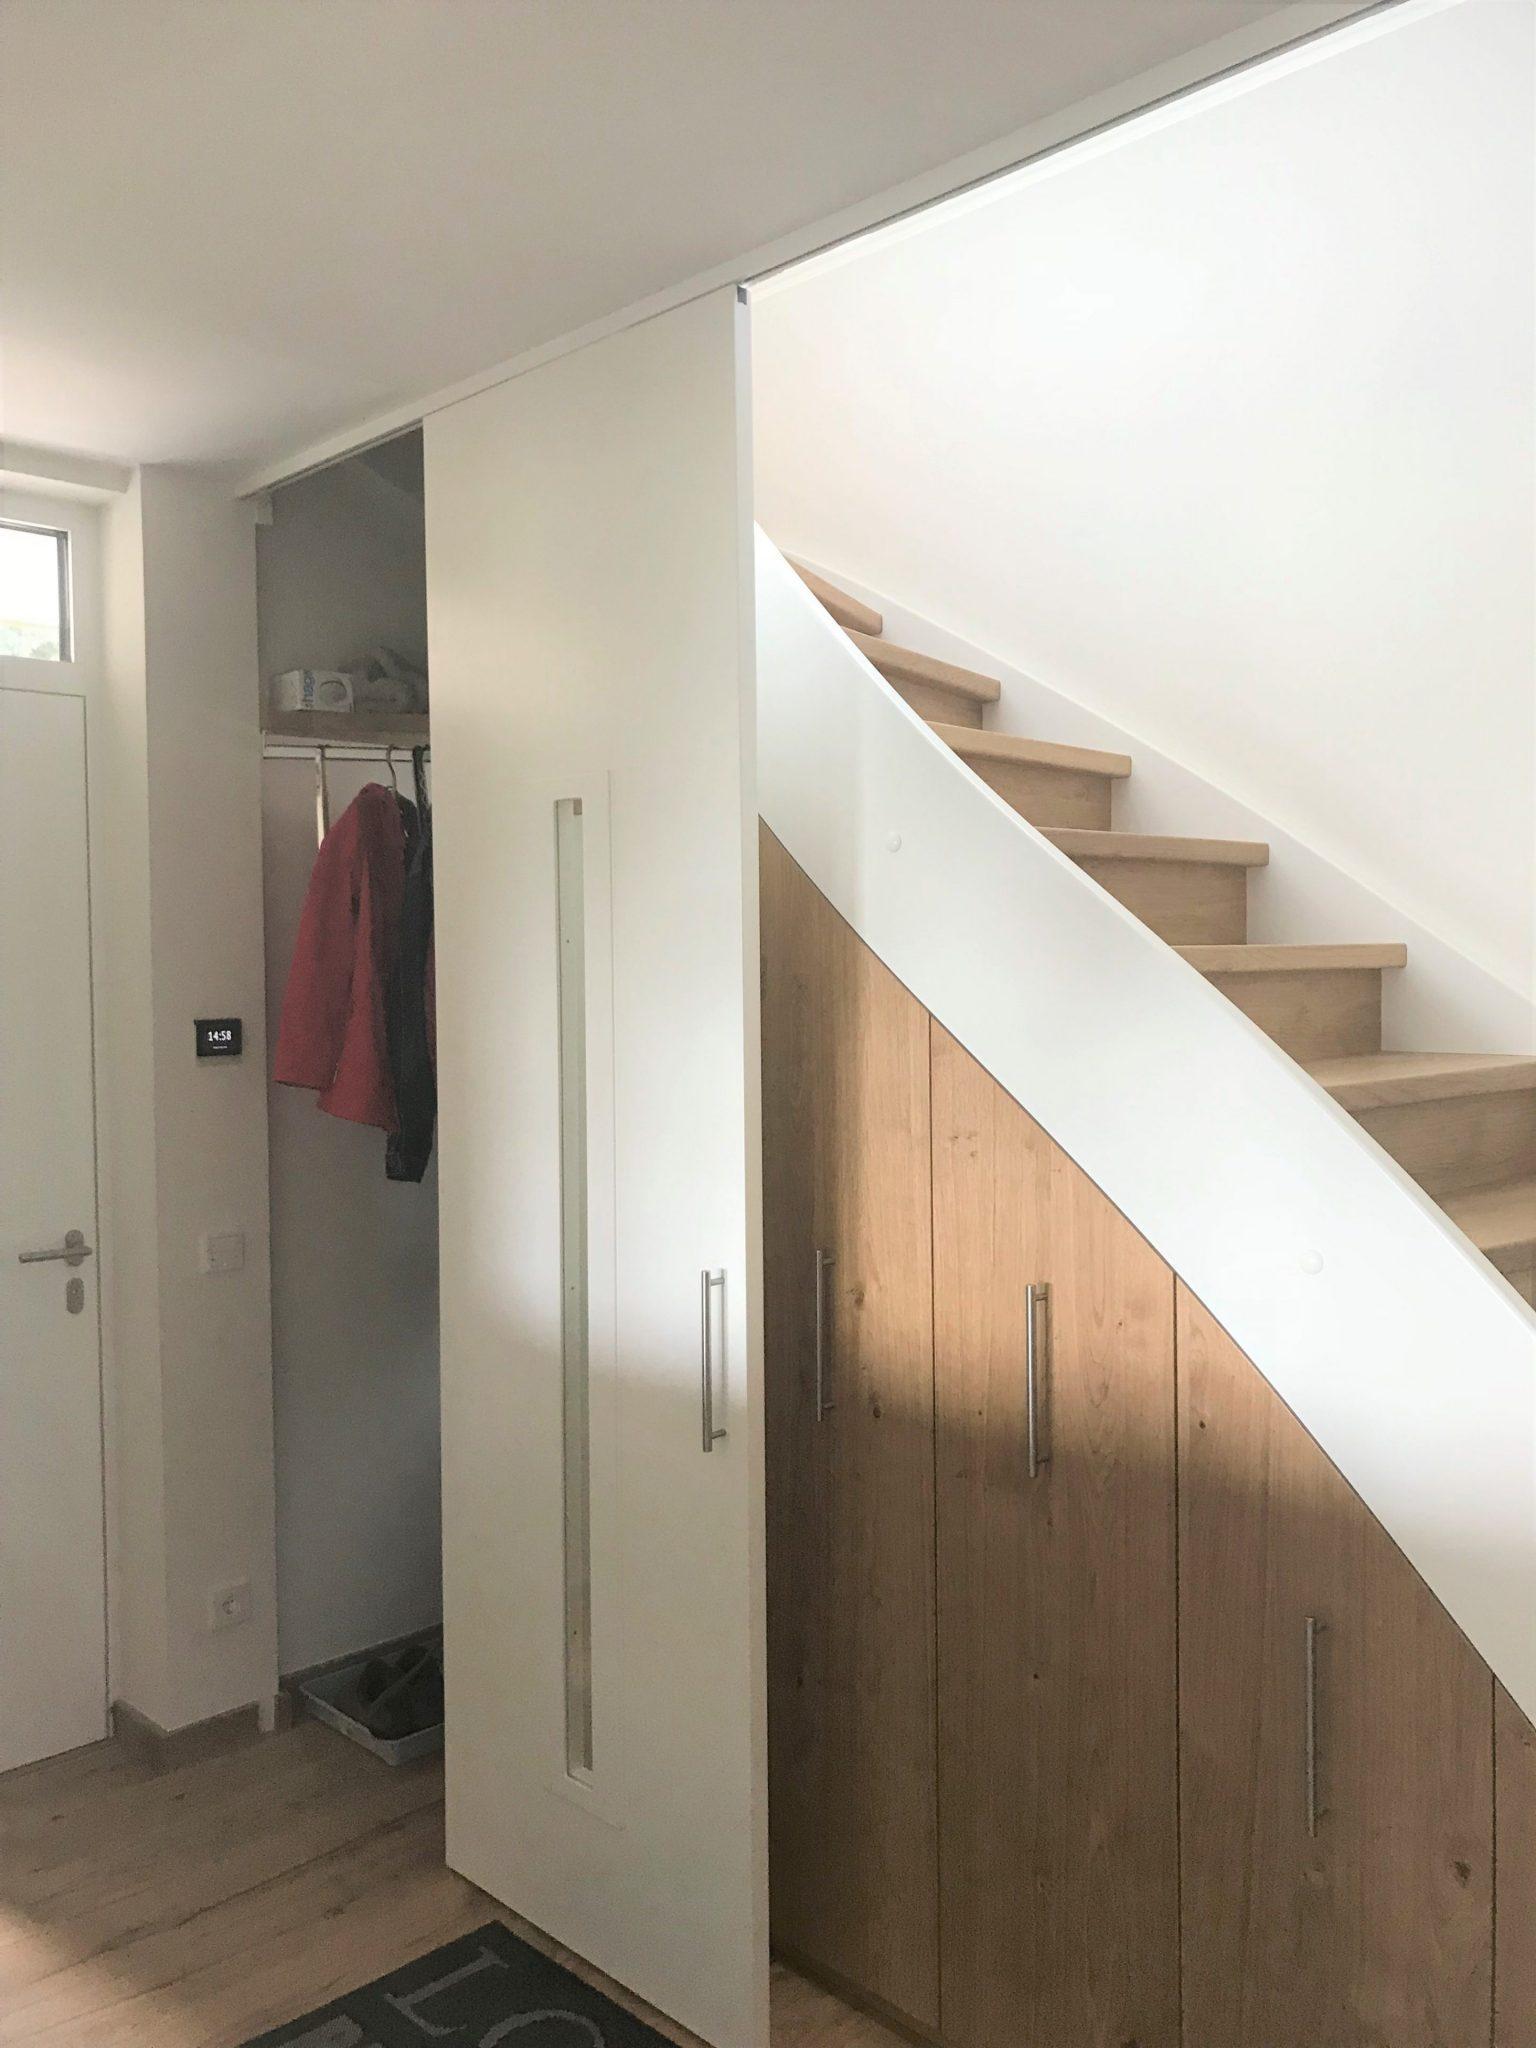 Einbauschrank und Treppe in Koblenz vom Schreiner gearbeitet